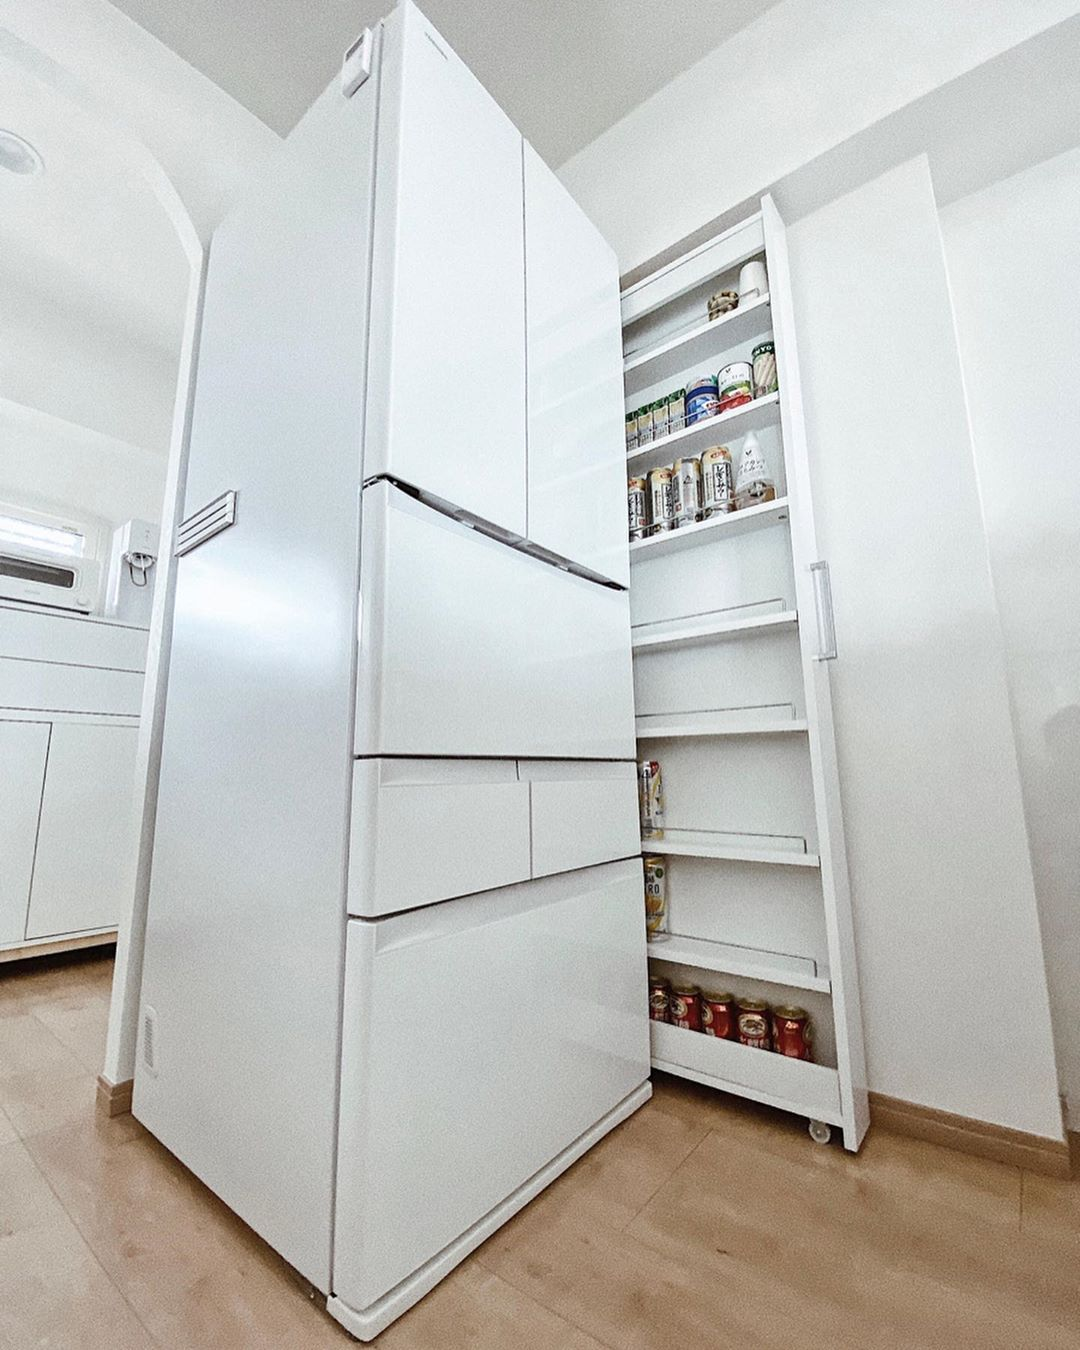 ウッドラック おしゃれまとめの人気アイデア Pinterest 渡瀬さくら 2021 クローゼット 収納 冷蔵庫 横 収納 キッチン 背面収納